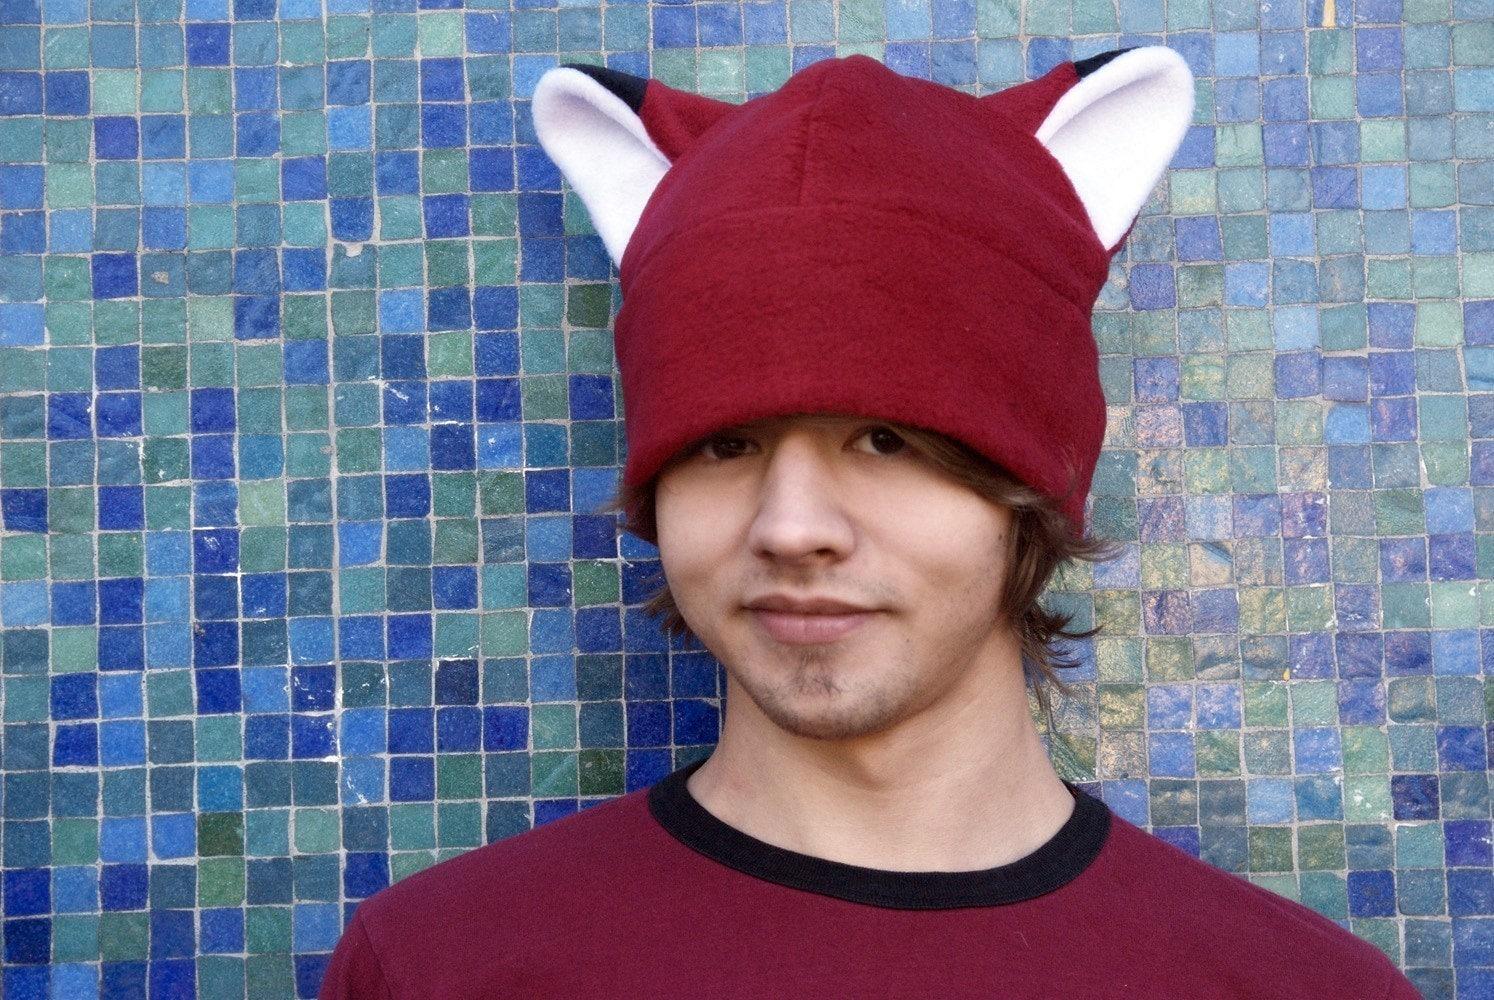 a6649eabac1 Animal Ear Hat Dark Red Fleece Fox Hat by Ningen Headwear